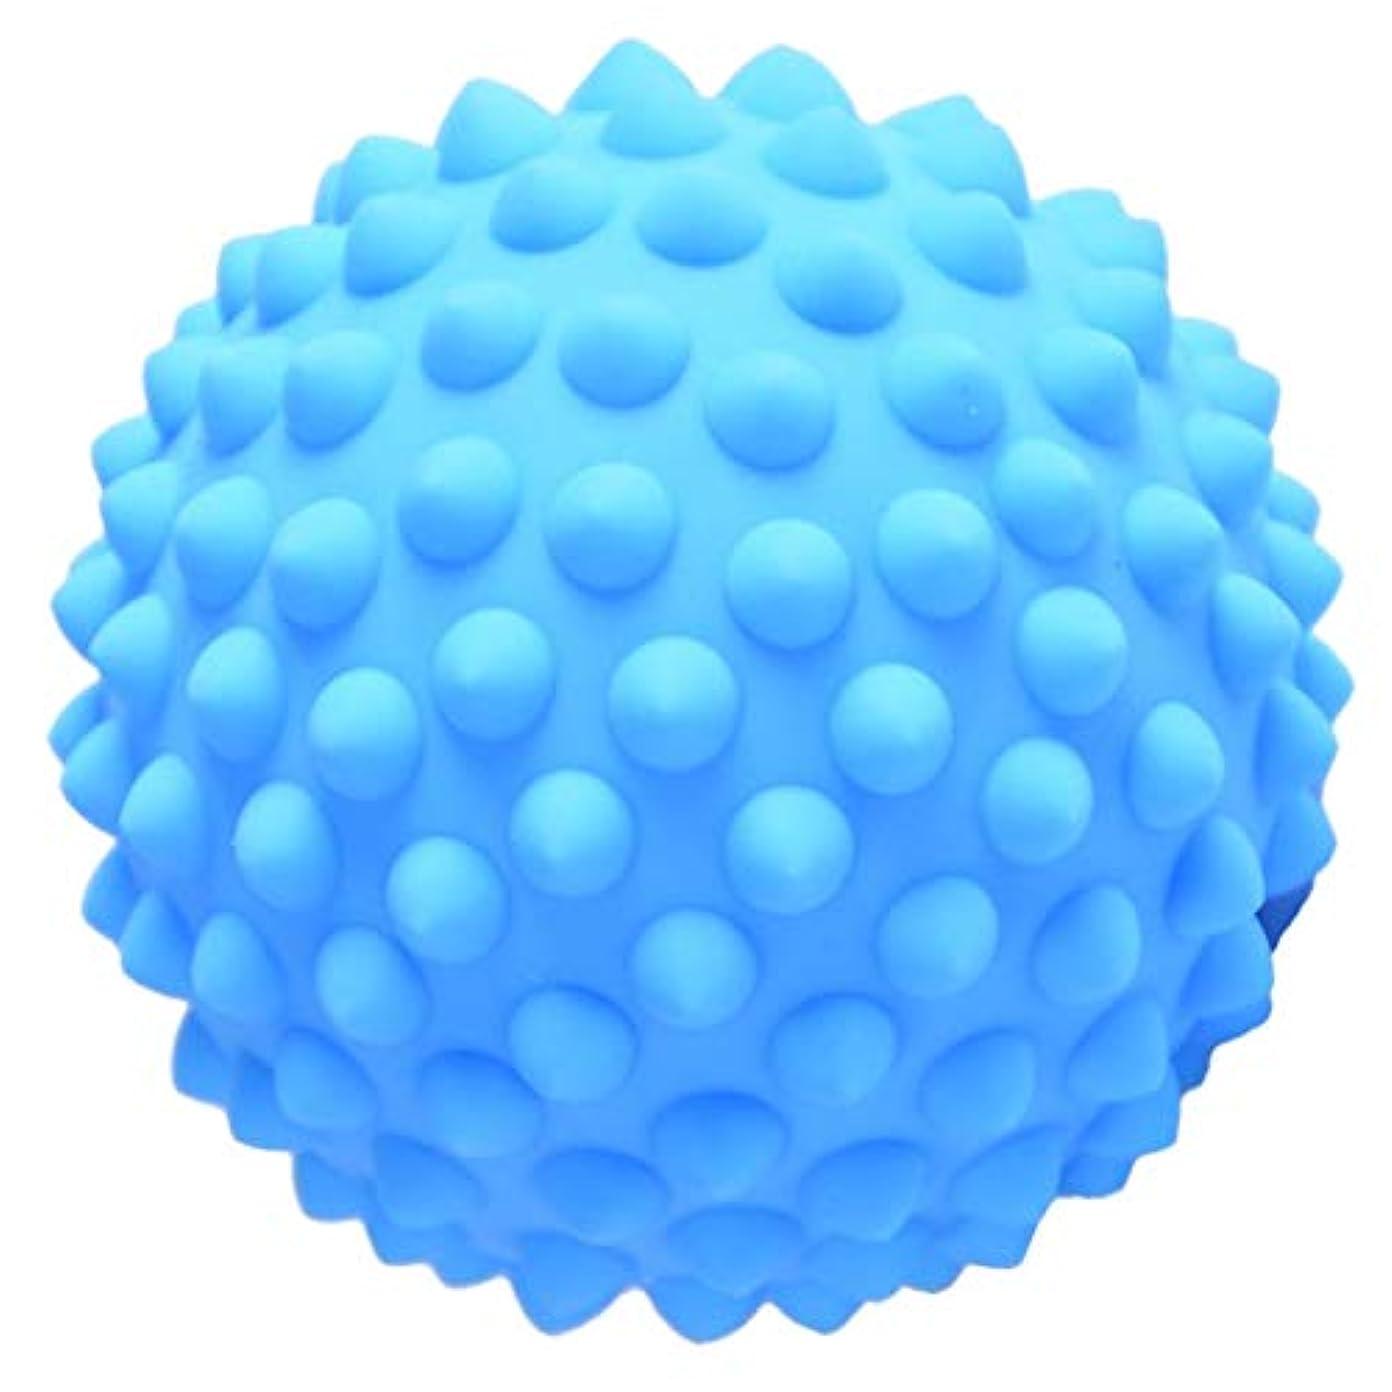 Perfeclan ハードマッサージ マッサージボール ハード トリガーマッサージ ポインマッサージ 3色選べ - 青, 説明のとおり